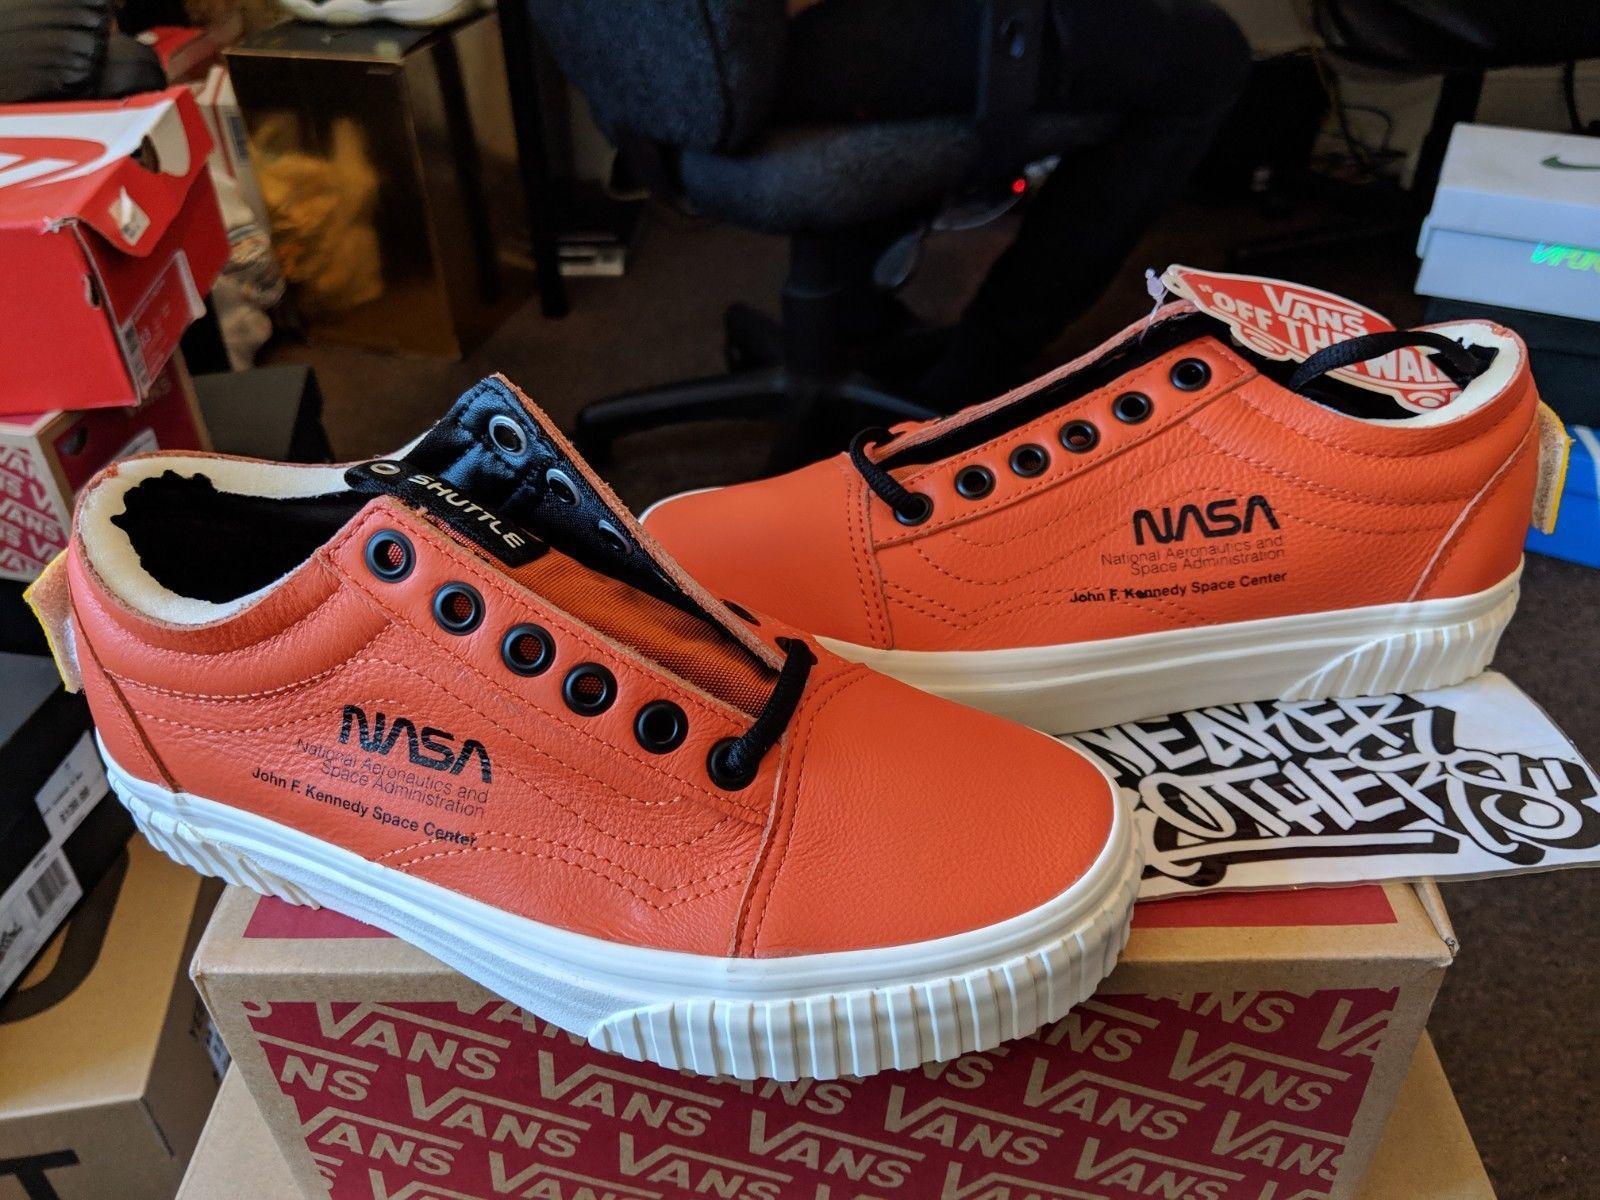 ade977c05096 Vans Old Skool x NASA Space Voyager Firecracker Orange Red VN0A38G1UPA   NasaVans  Nasa  Vans  Clothing  Shoes  Trending  Hot  Shop  Trend  Popular   Sneakers ...